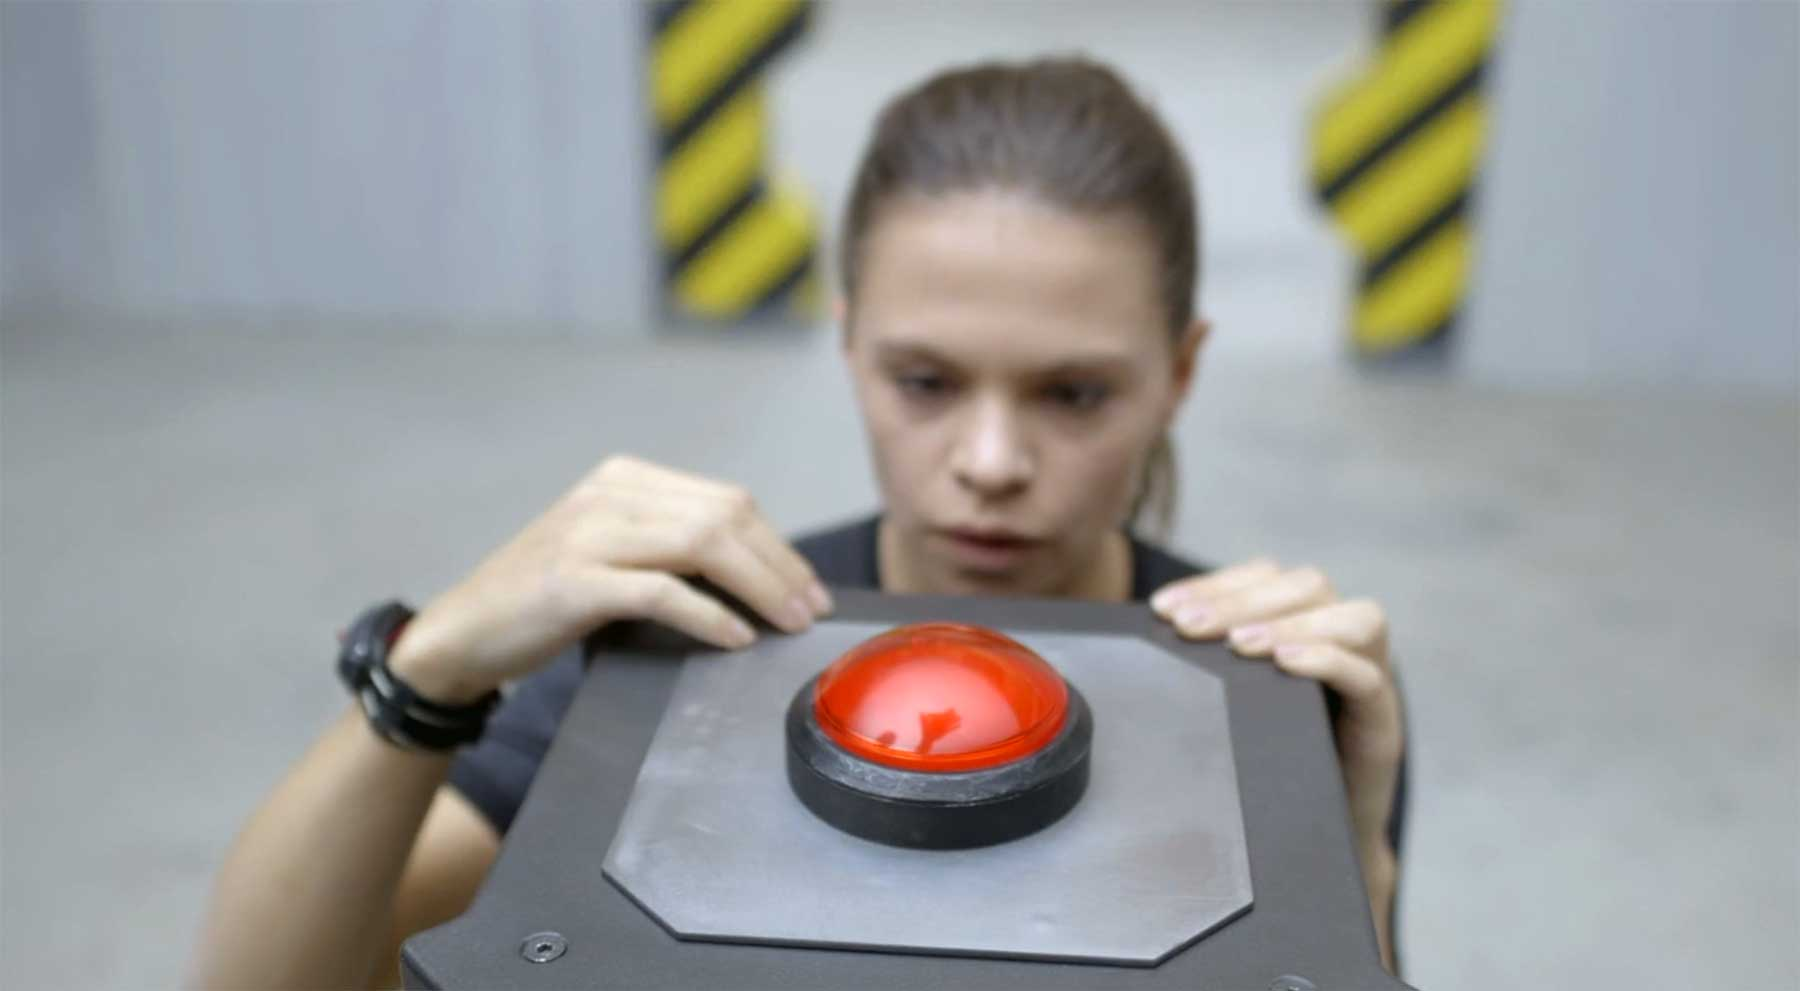 Sich vorm Drücken des großen roten Knopfes drücken? kurzfilm-ZOE-roter-knopf-1